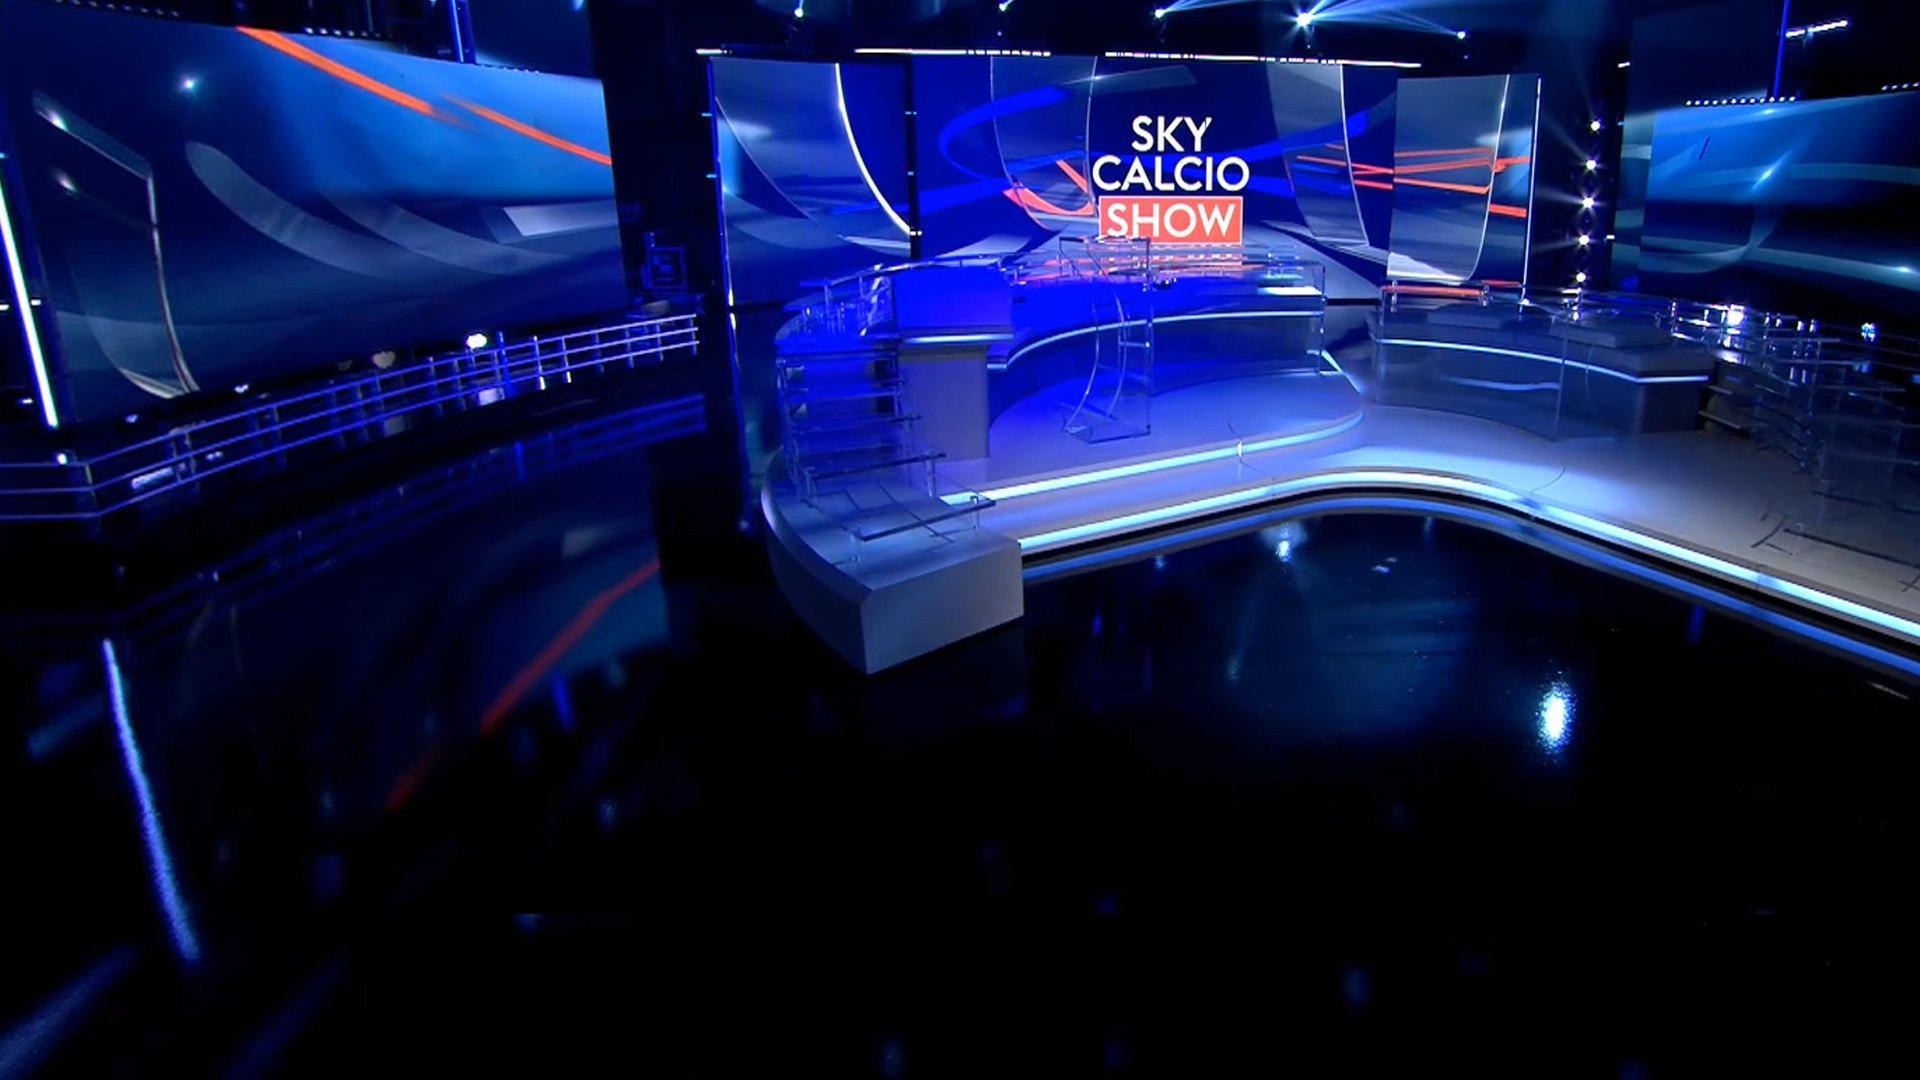 Sky Sport24 Sky Calcio Show